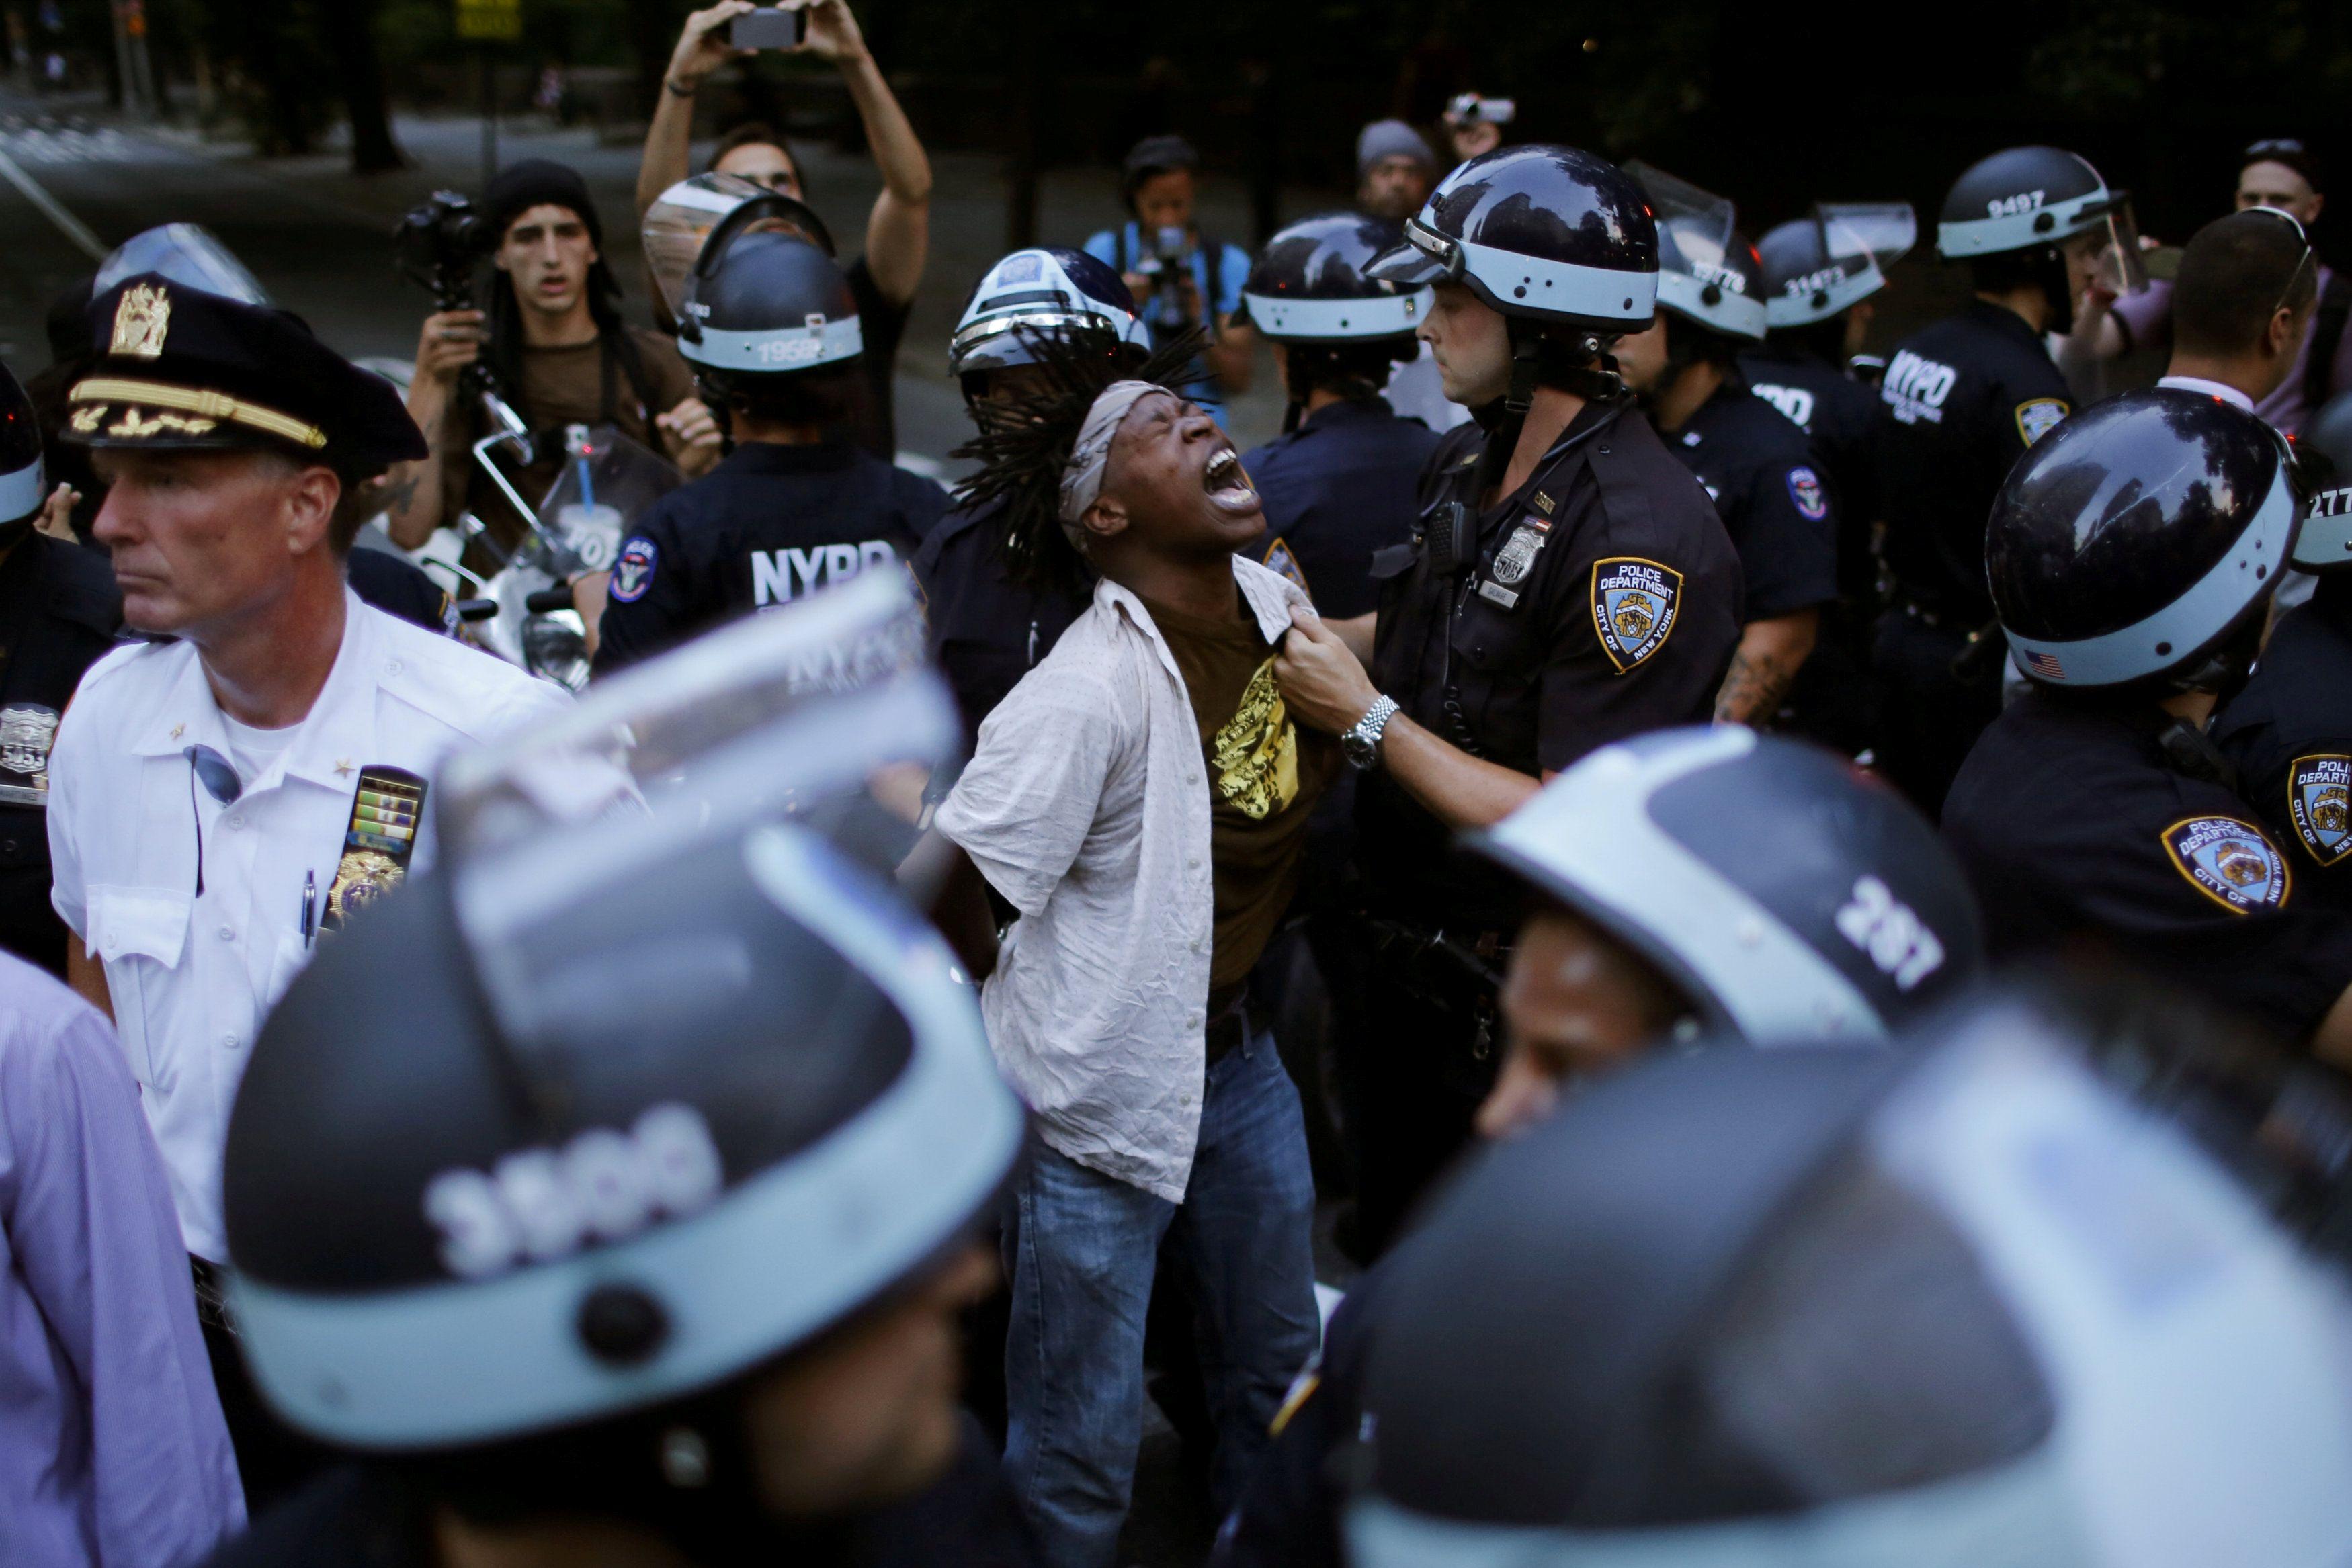 Акция протеста в США, иллюстрация